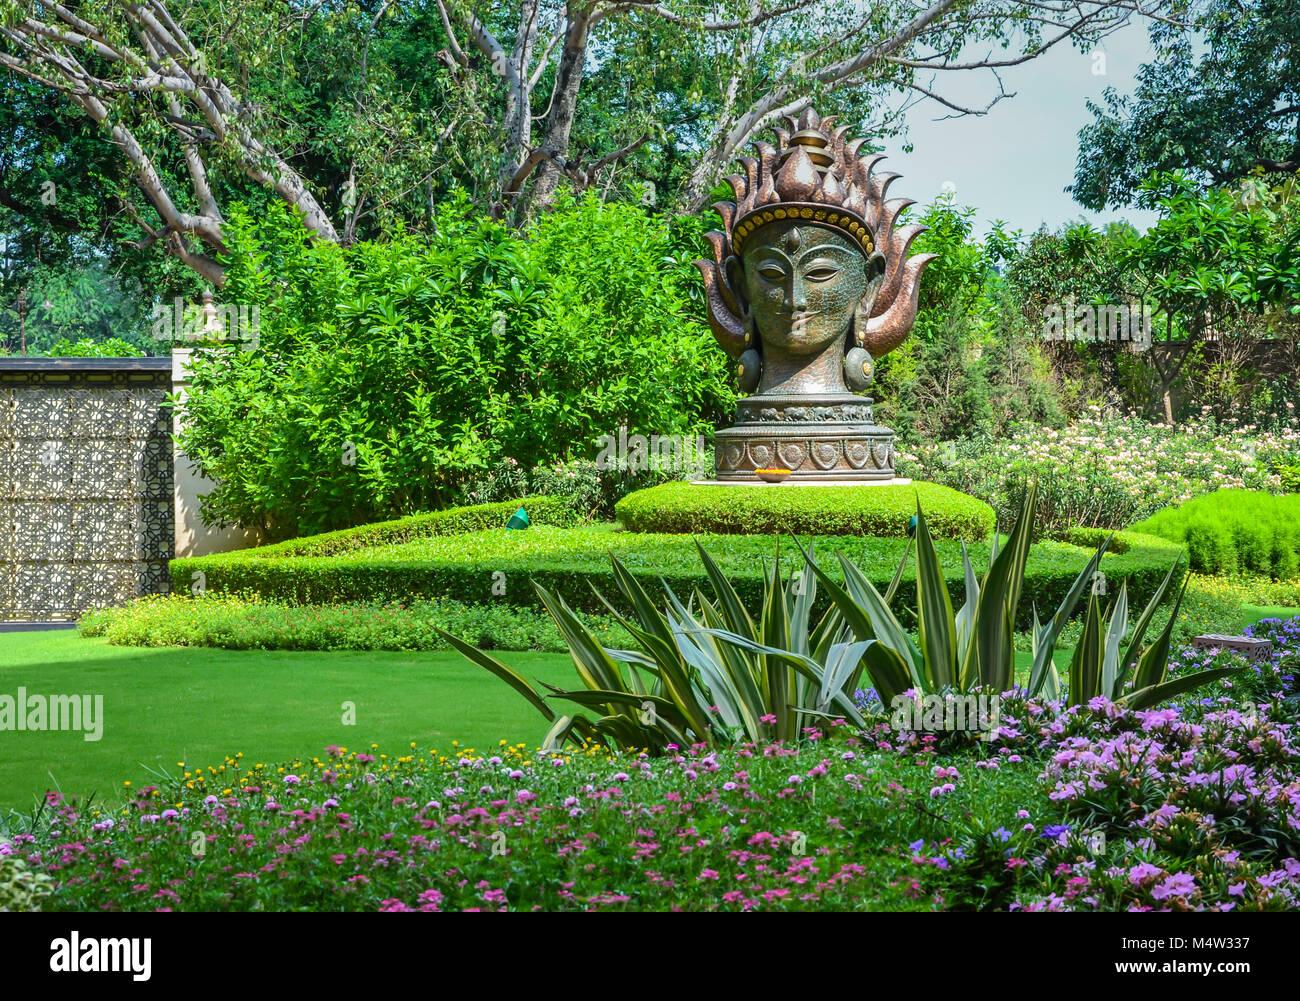 Vedica del giardino con vegetazione sottile, varieted striped fogliame, viola, annuari e un enorme di acciaio statua Immagini Stock